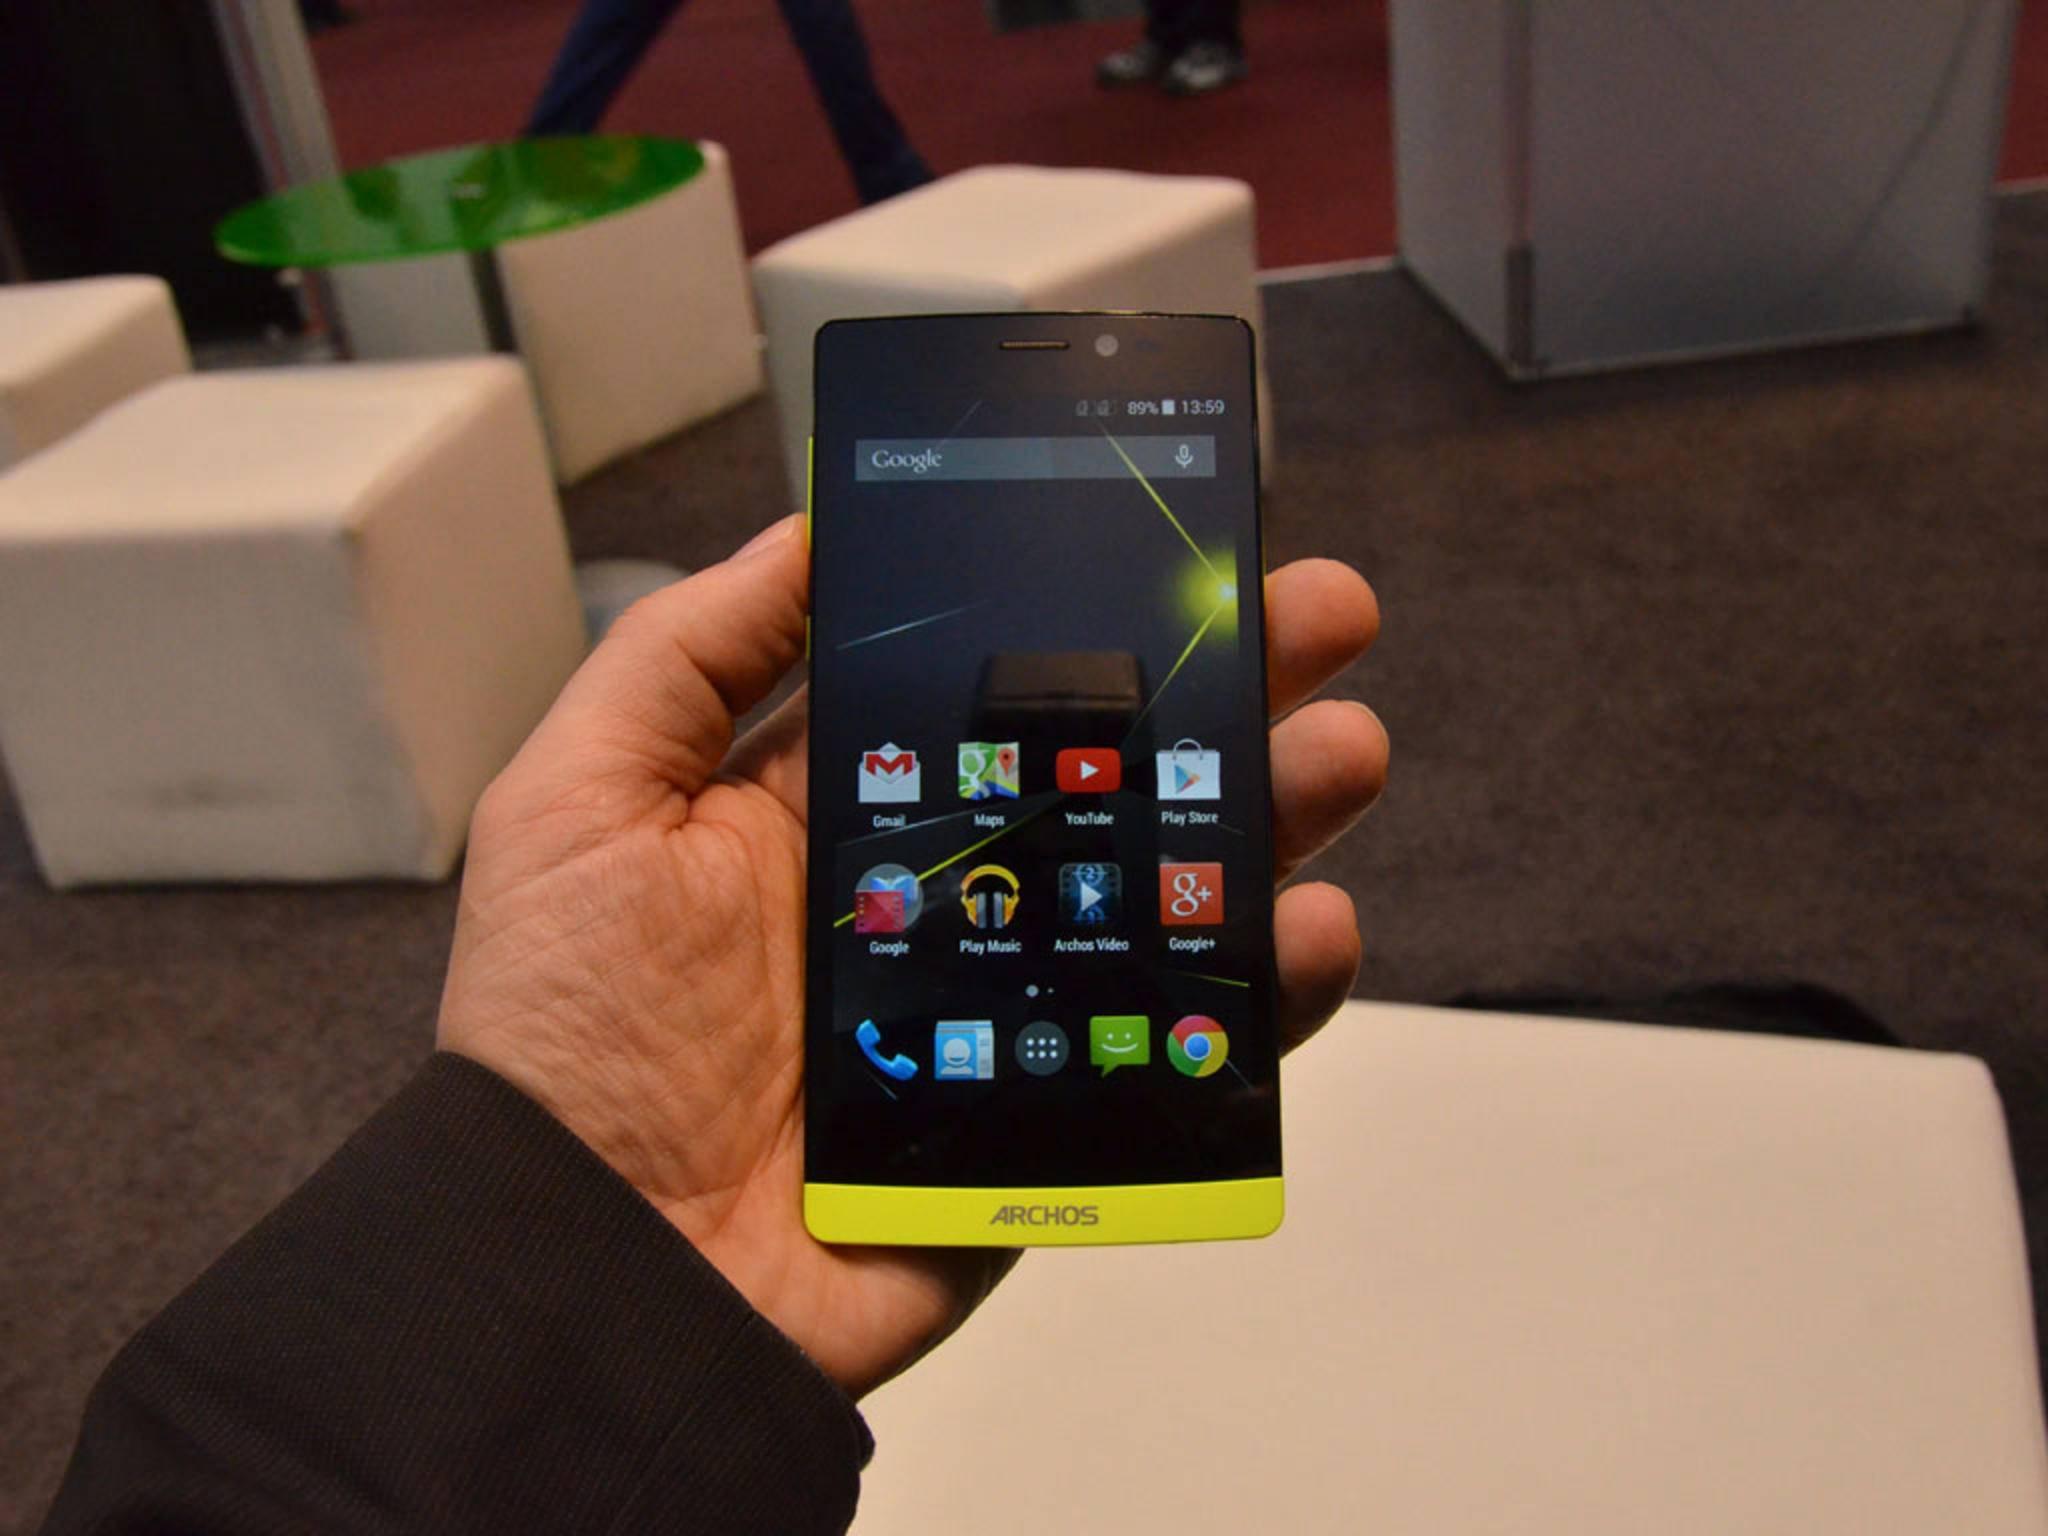 Das Archos-Smartphone liegt gut in der Hand, das Display wirkt vielleicht etwas dunkel.